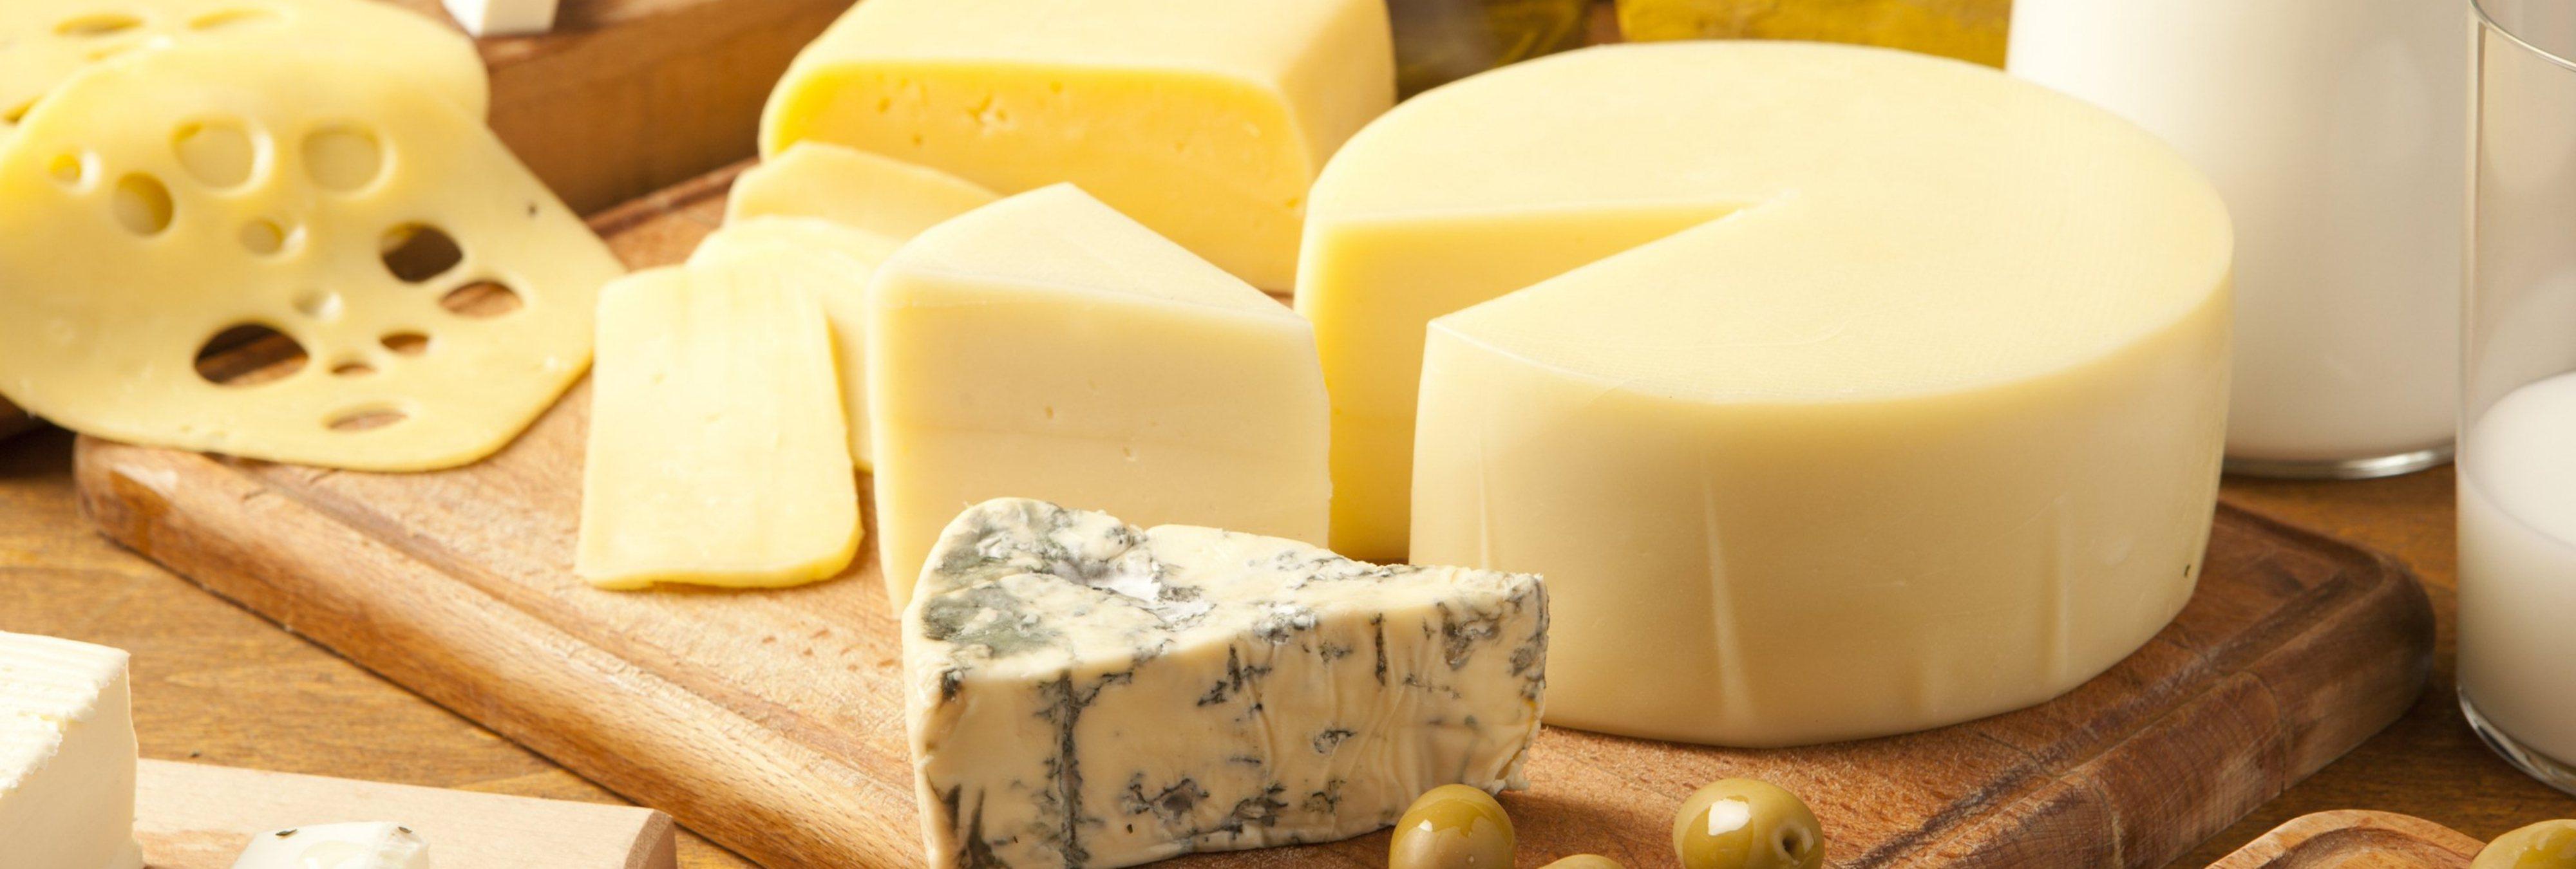 El queso es tan adictivo como la heroína, según la ciencia